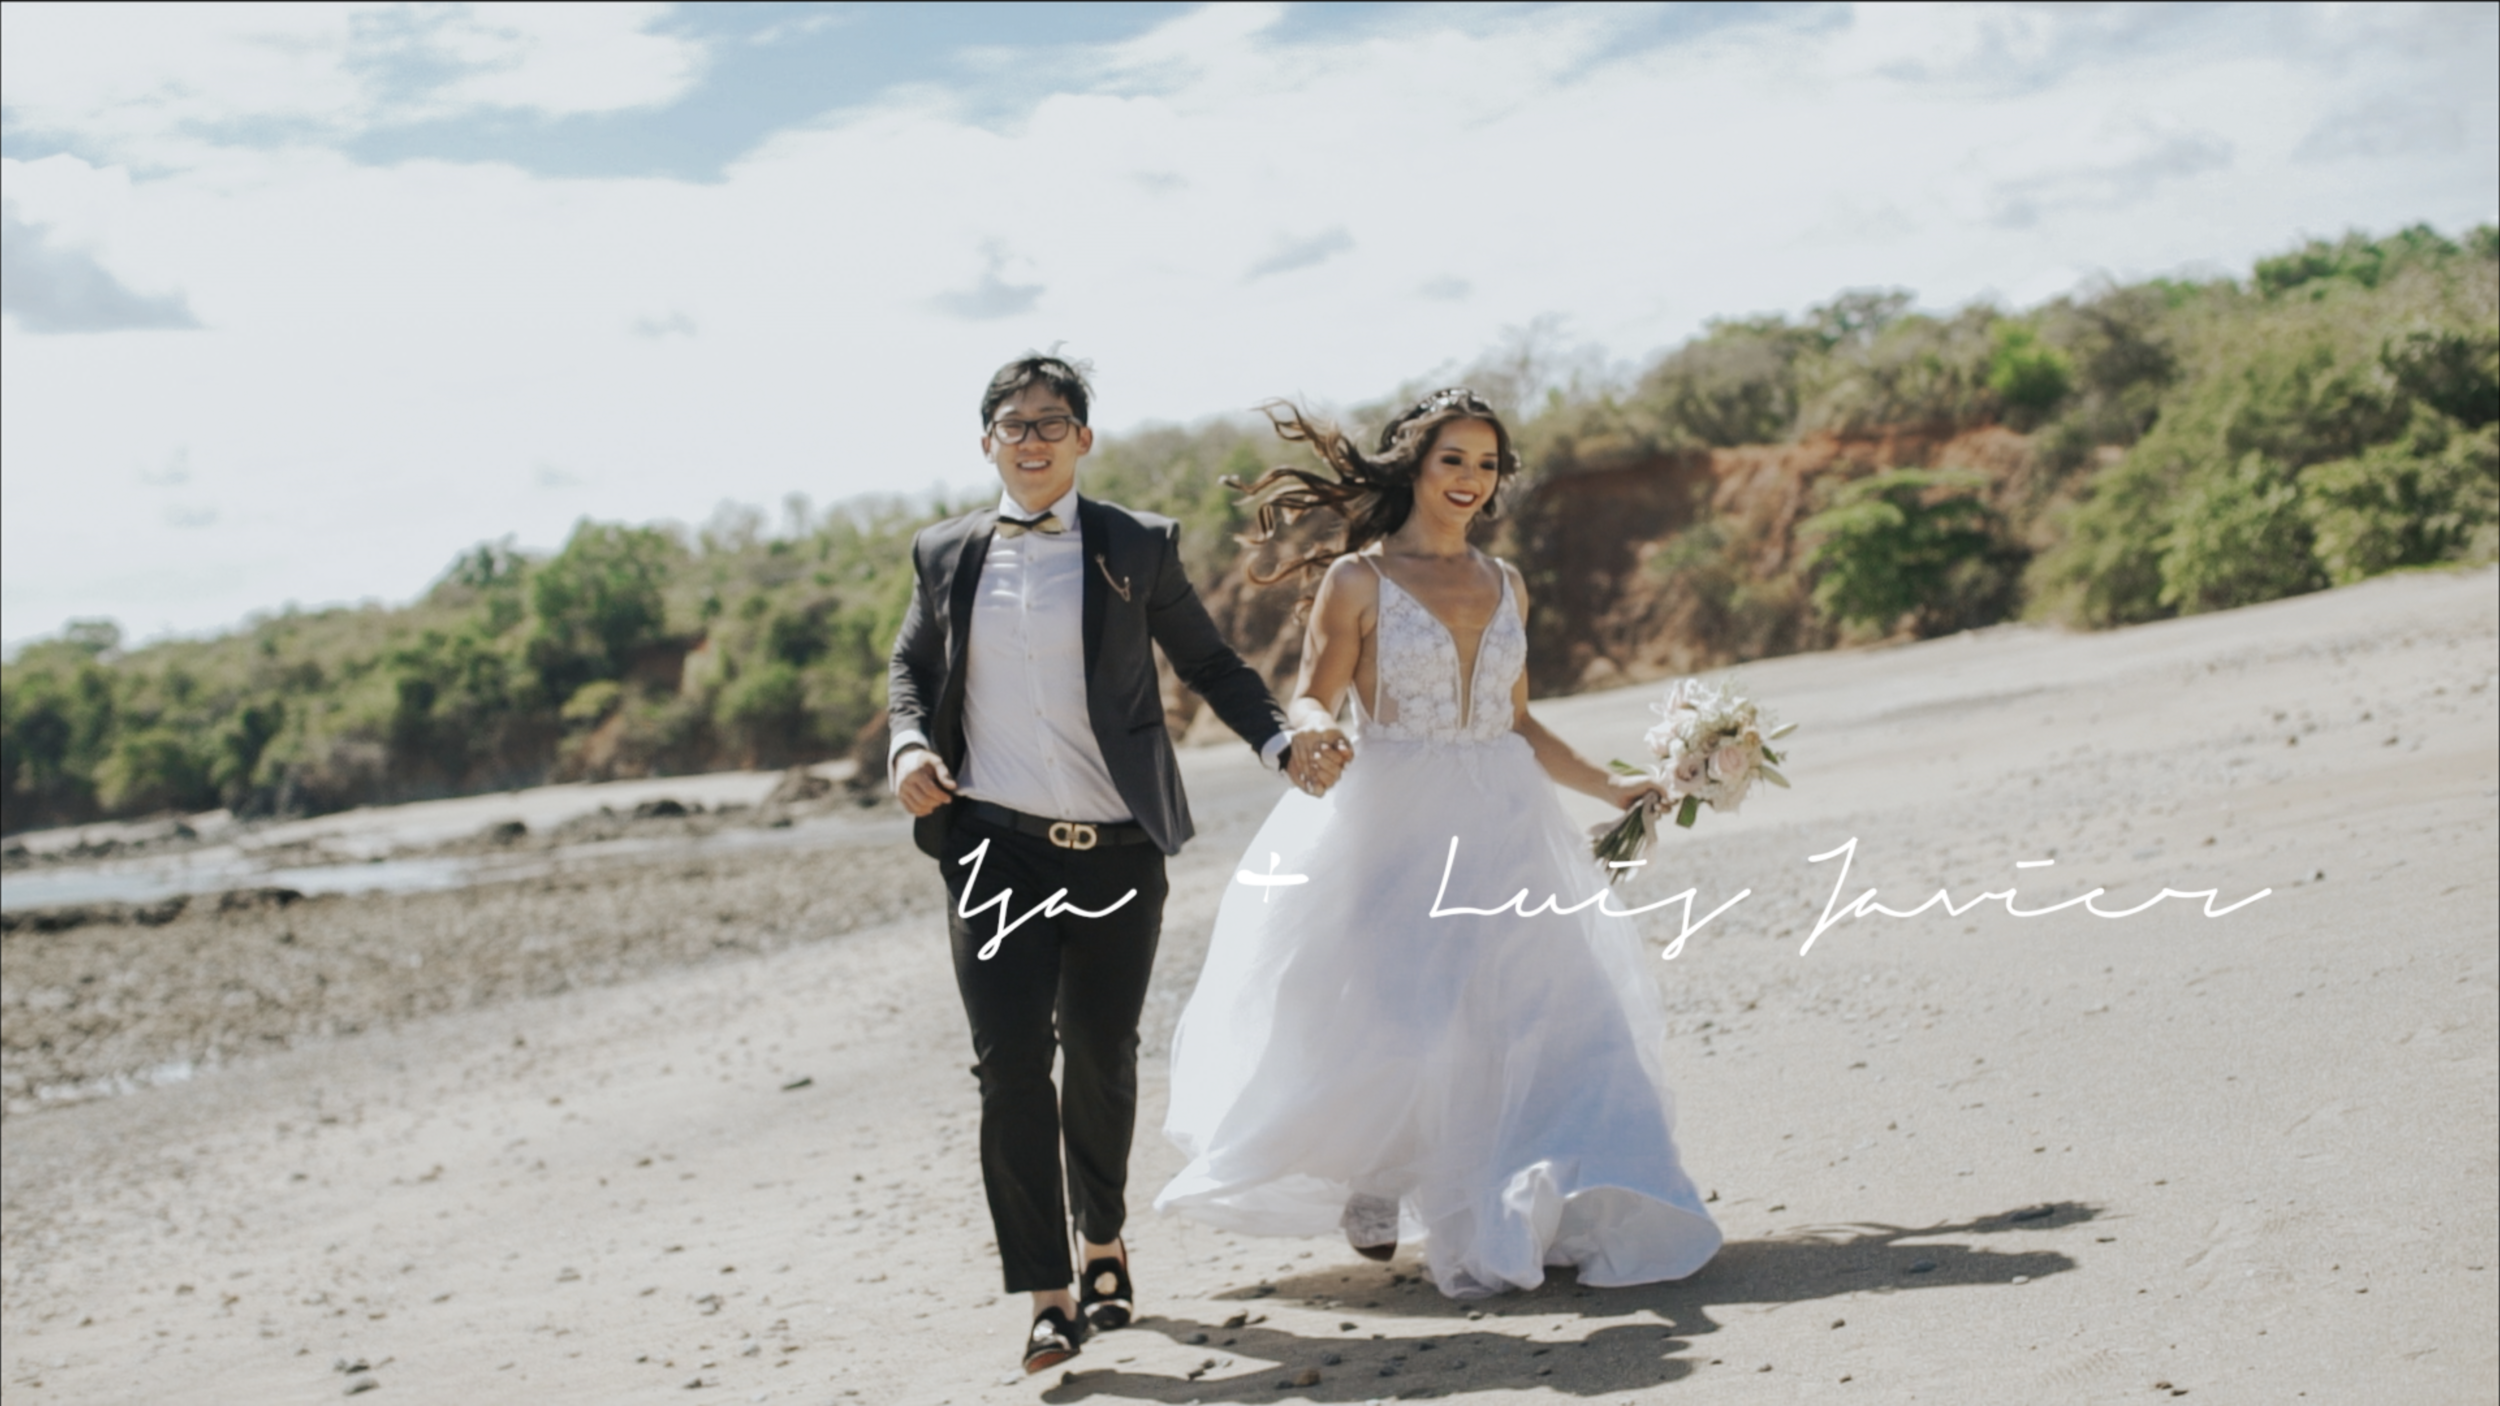 Isa + Luis Javier - Luis Javier amante de los carros, Isa su compañera inseparable de aventuras. Juntos tuvieron una boda de ensueño.